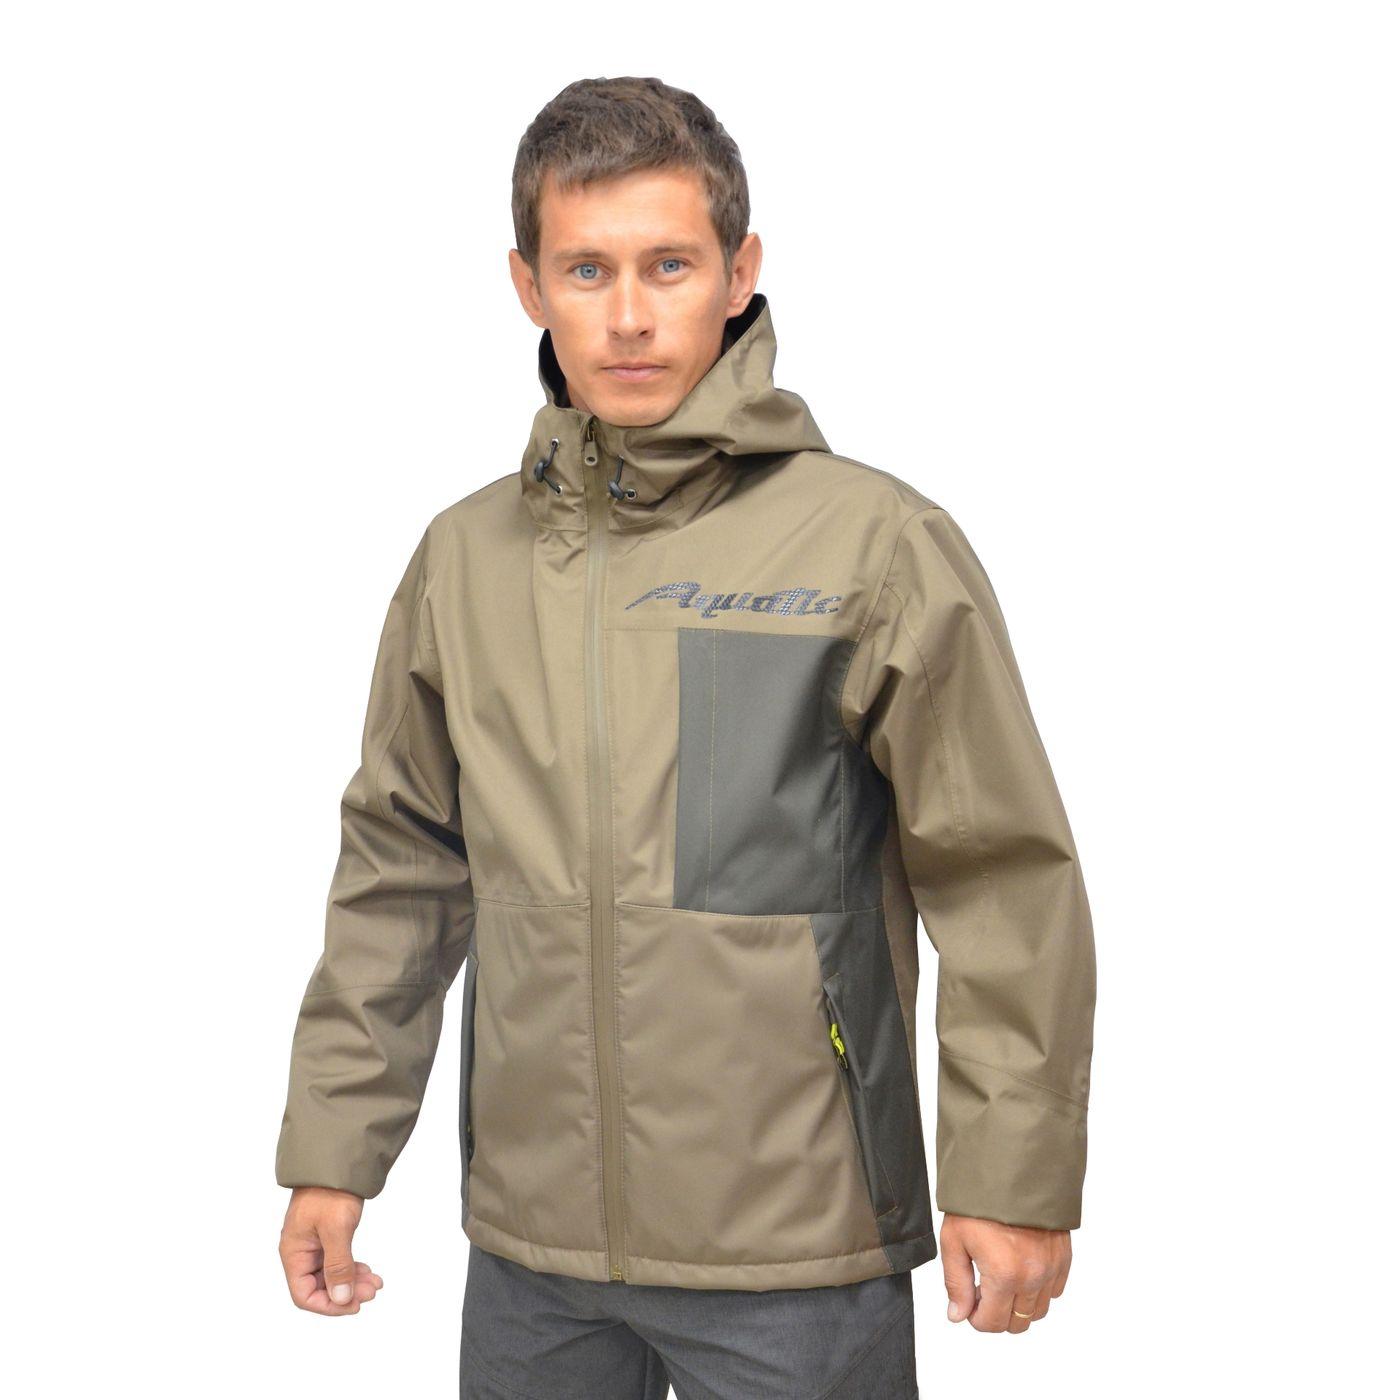 Jacket From The Rain Membrane Aquatic кд-02ф, Beige кд-02ф 46-48